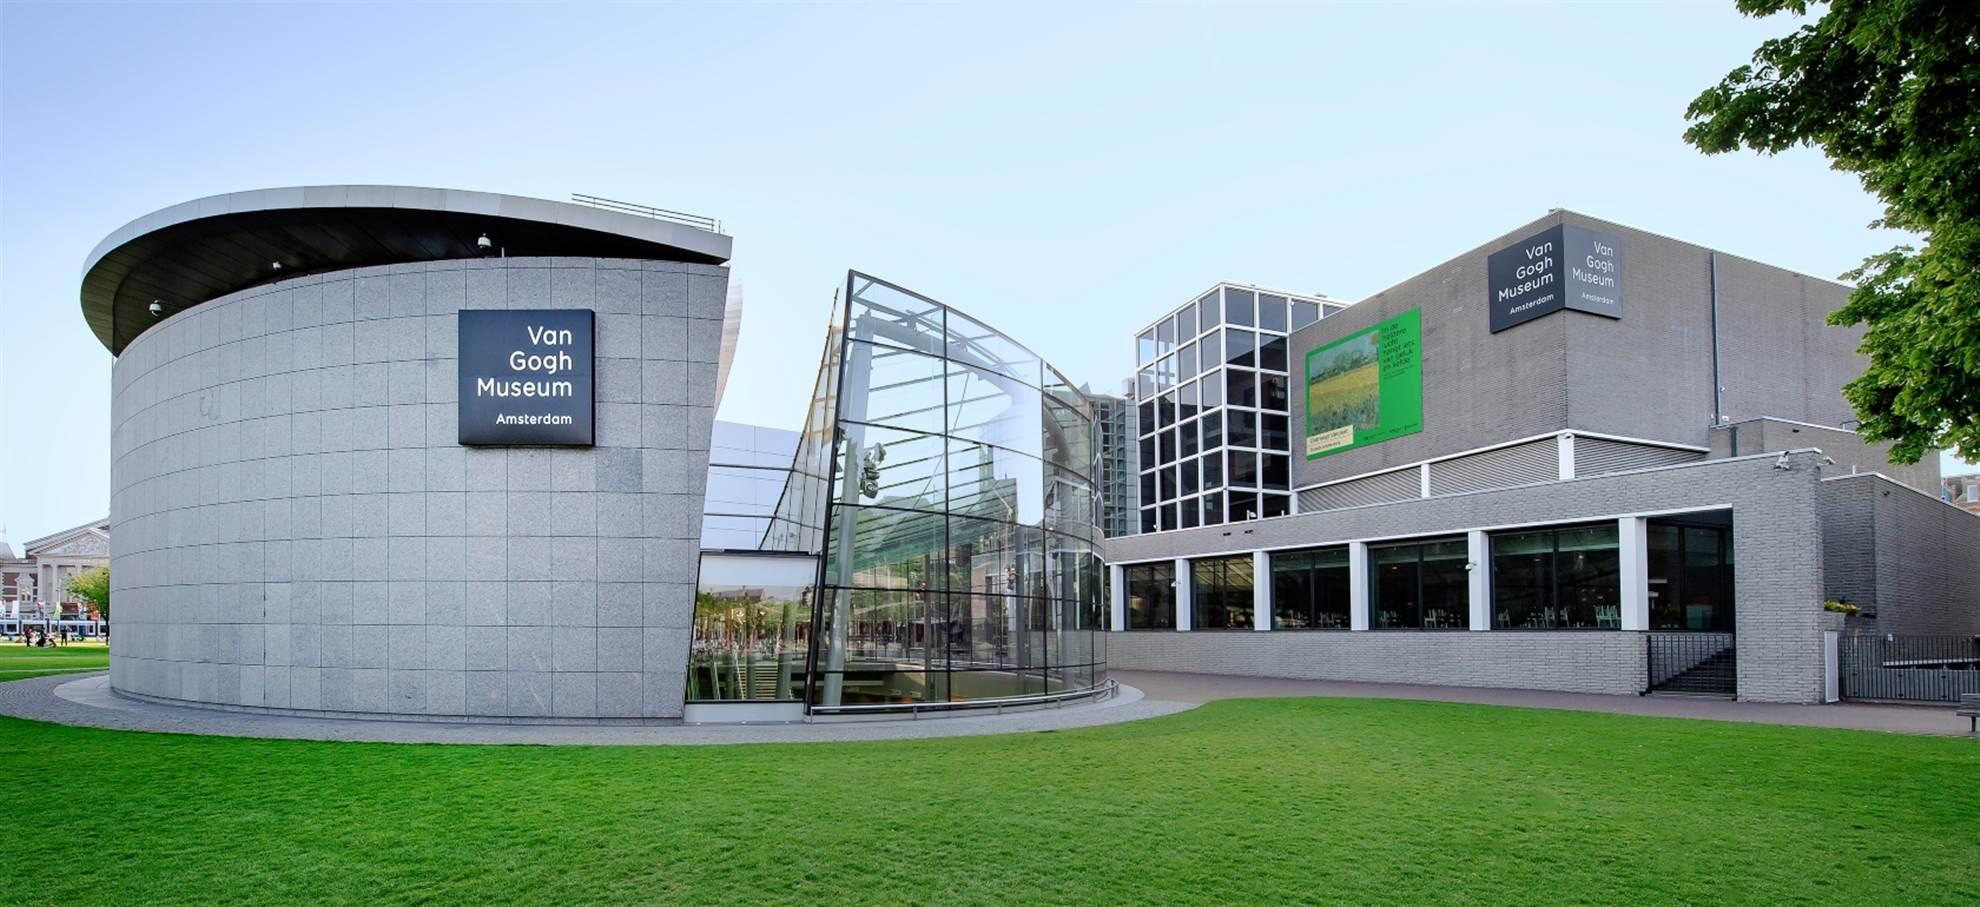 Cruzeiro pelos canais & Museu Van Gogh